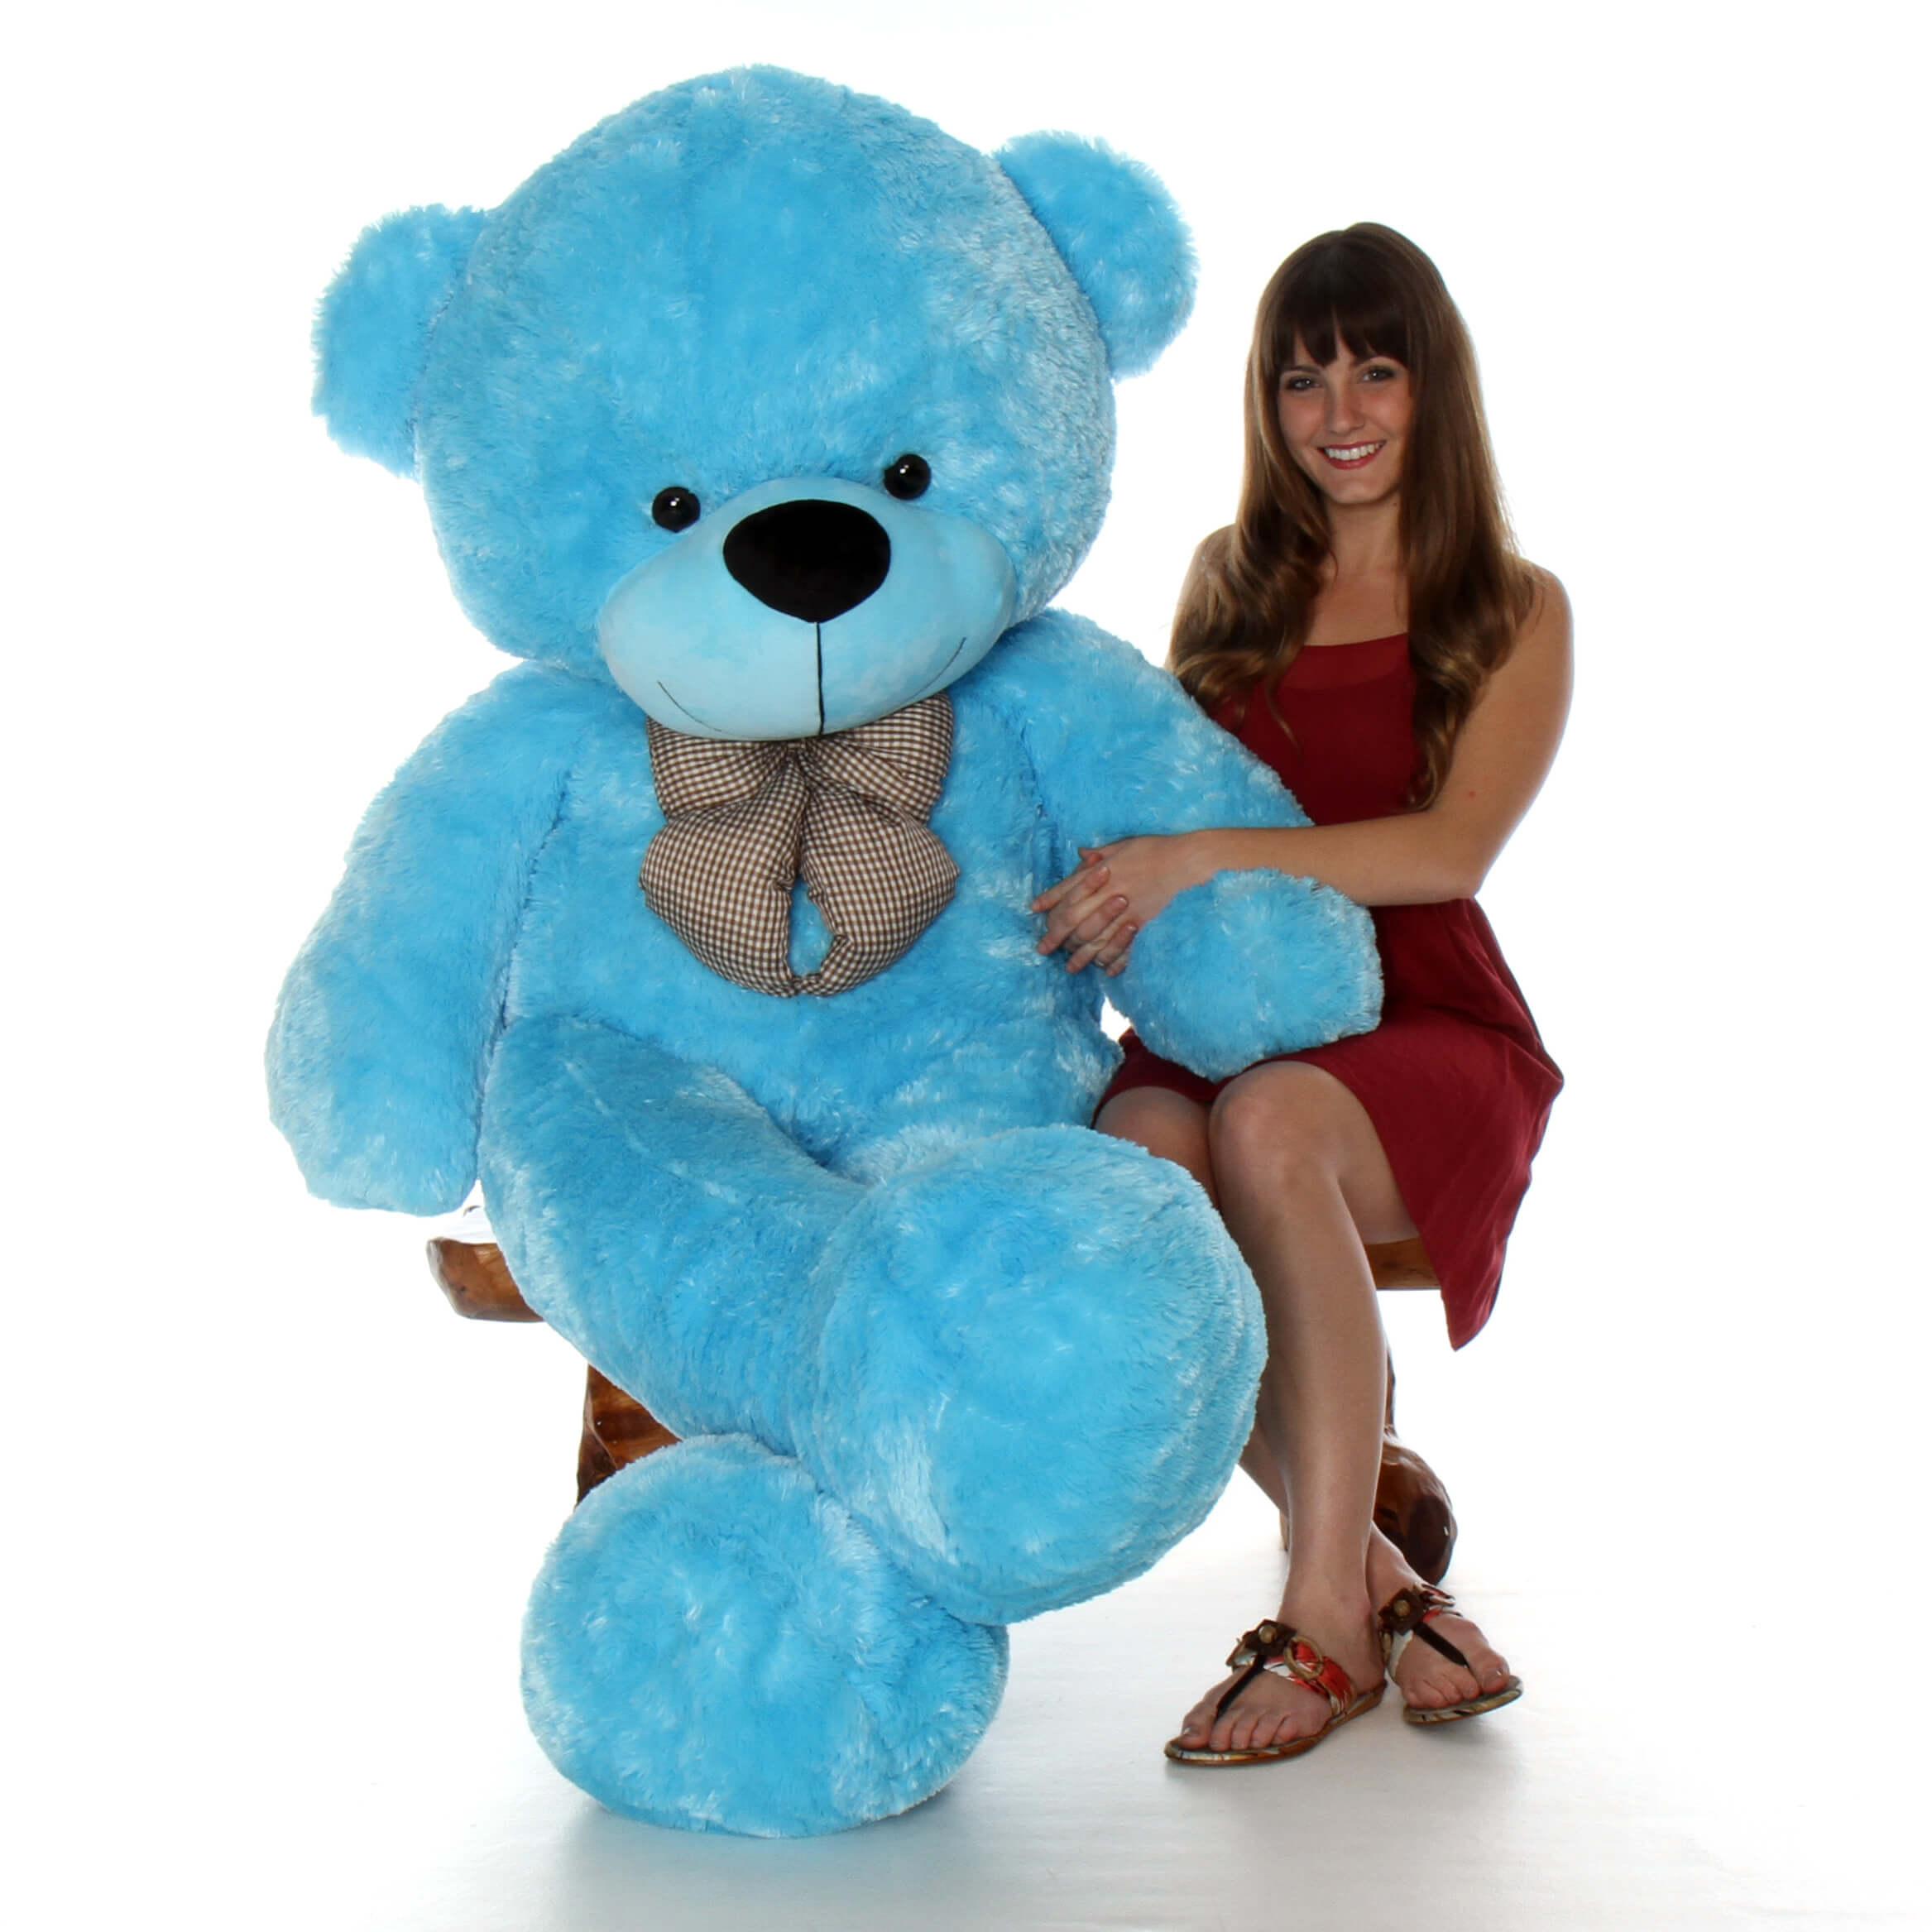 life-size-blue-teddy-bear-happy-cuddles-72in-1.jpg